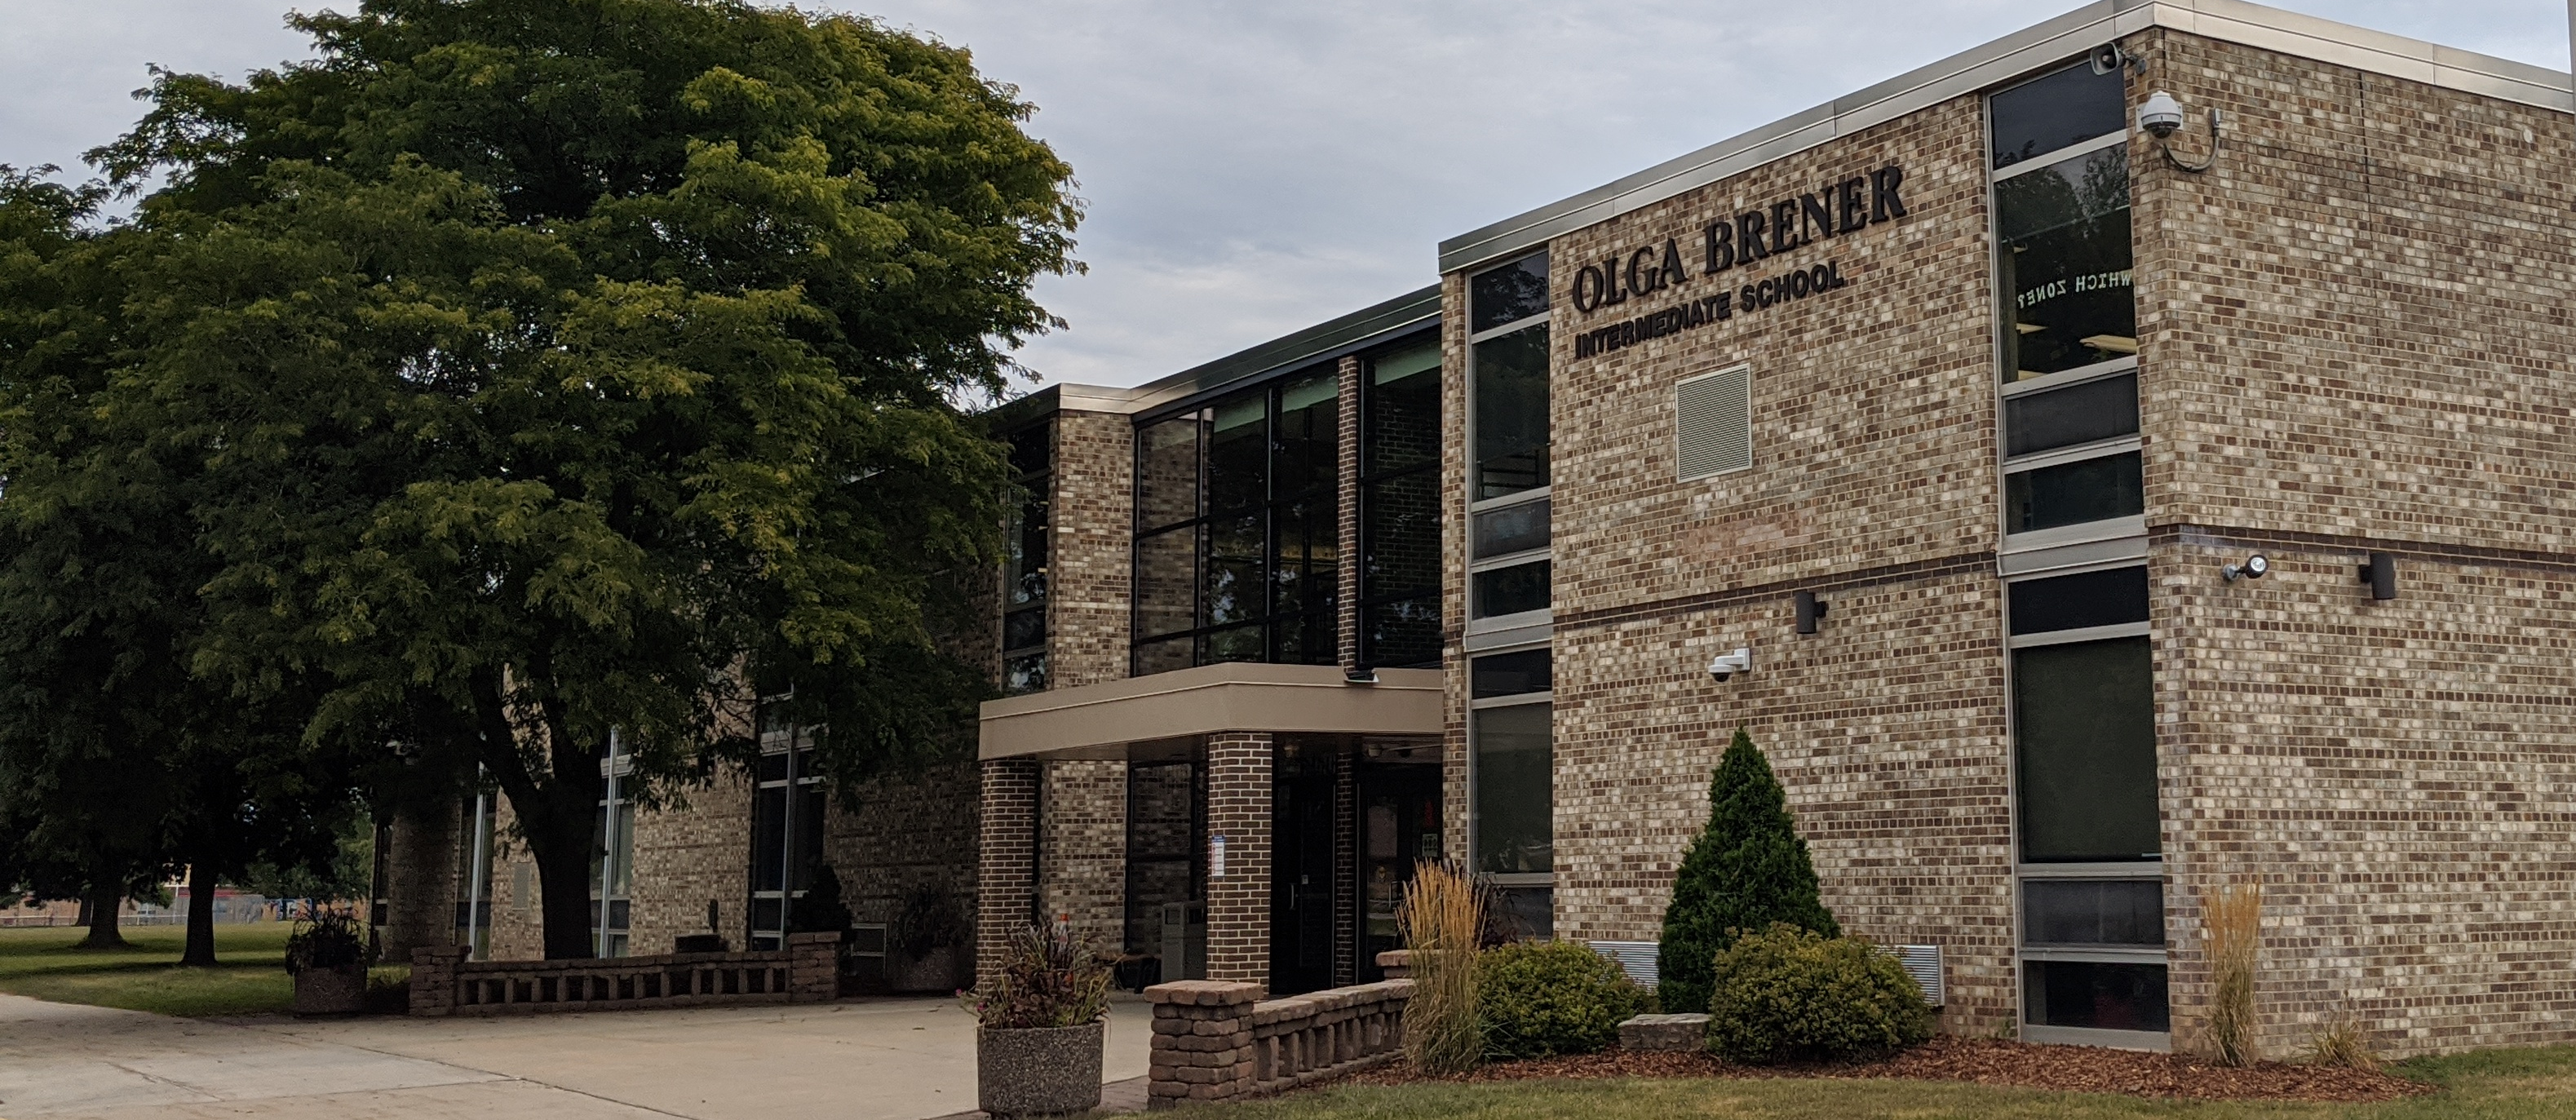 Olga Brener School